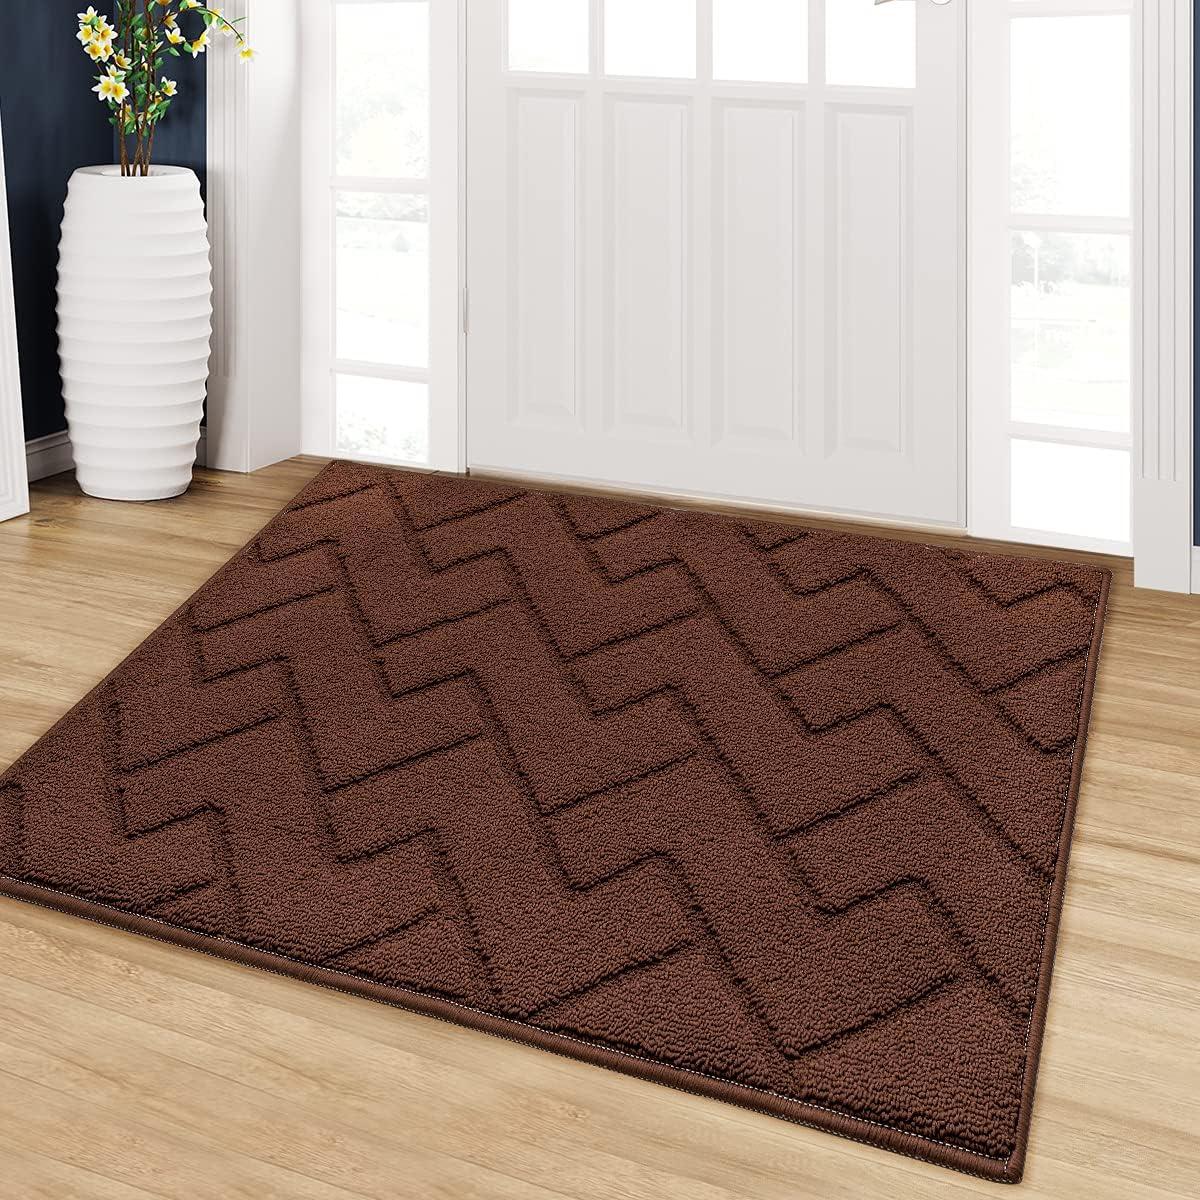 """Indoor Doormat,24""""x35"""" Front Back Door Mat Rubber Backing Non Slip Door Mats Absorbent Resist Dirt Entrance Doormat Inside Floor Mats for Entryway Machine Washable Low-Profile (Coffee)"""